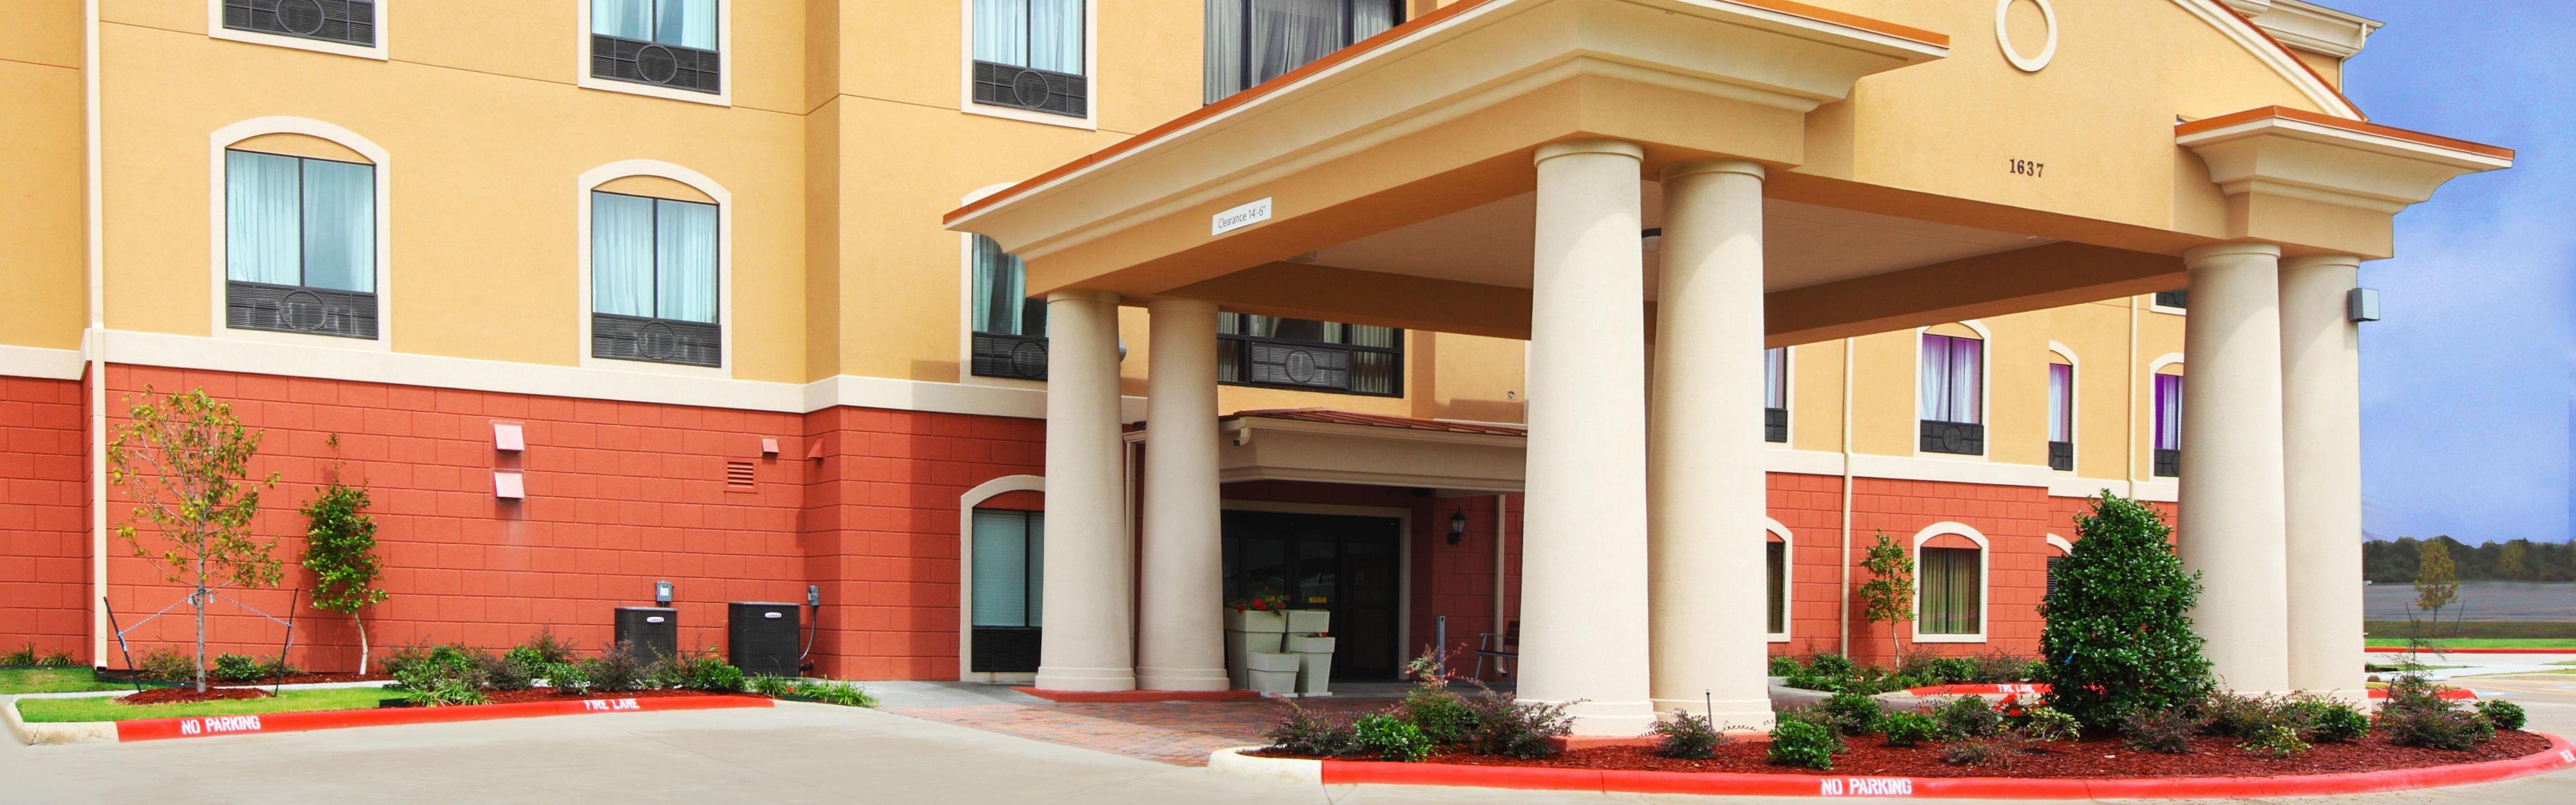 Holiday Inn Express & Suites Van Buren-Ft Smith Area image 0